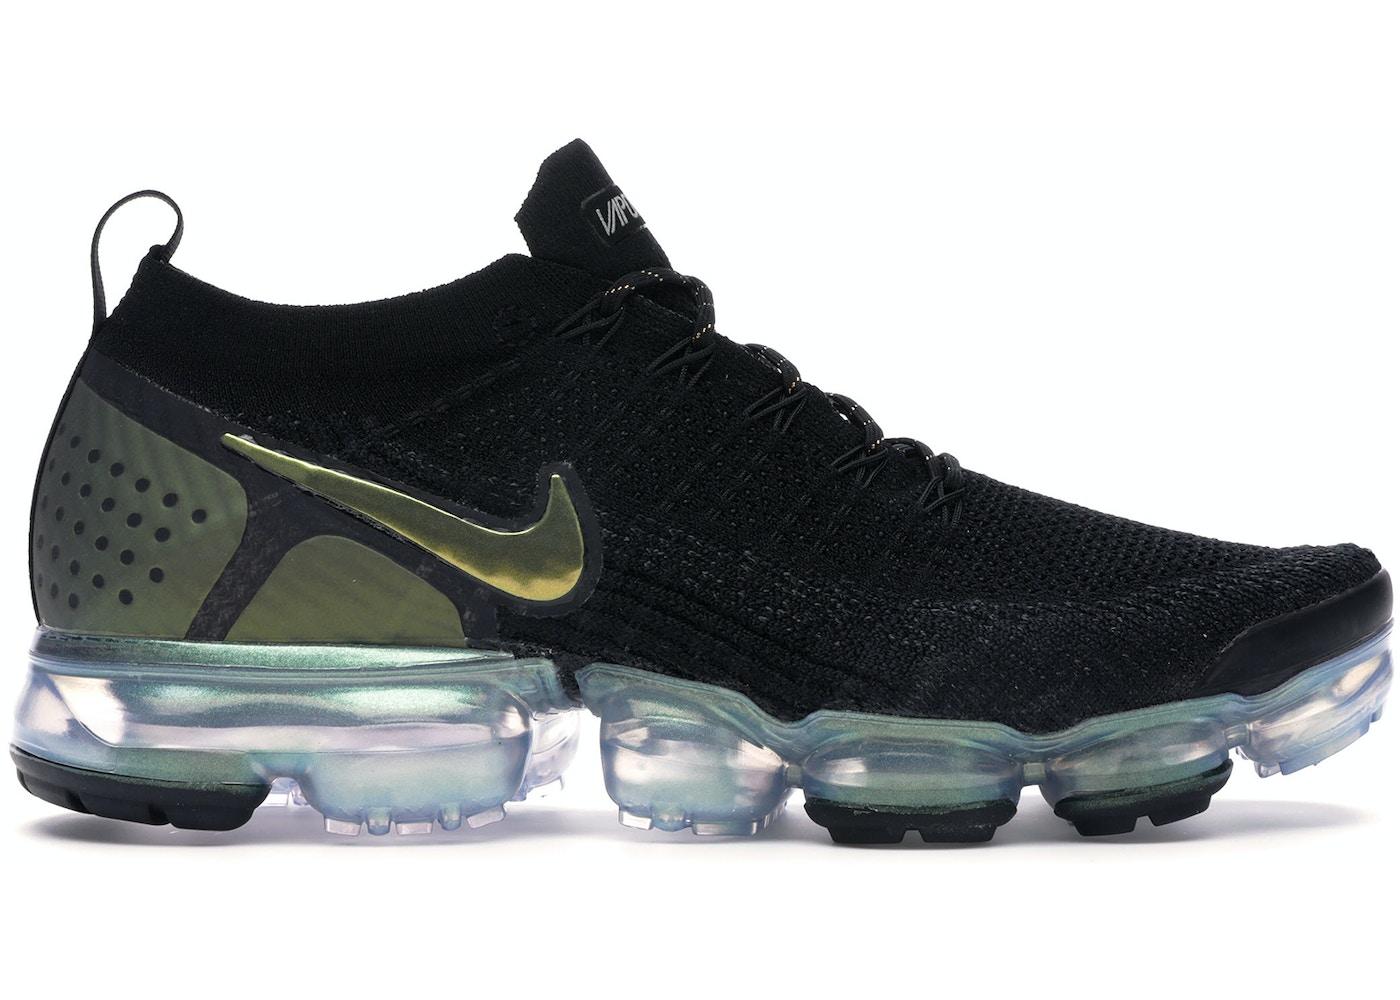 mareado Indulgente en el medio de la nada  Nike Air VaporMax Flyknit 2 Black Metallic Silver Multi-Color - 942842-015